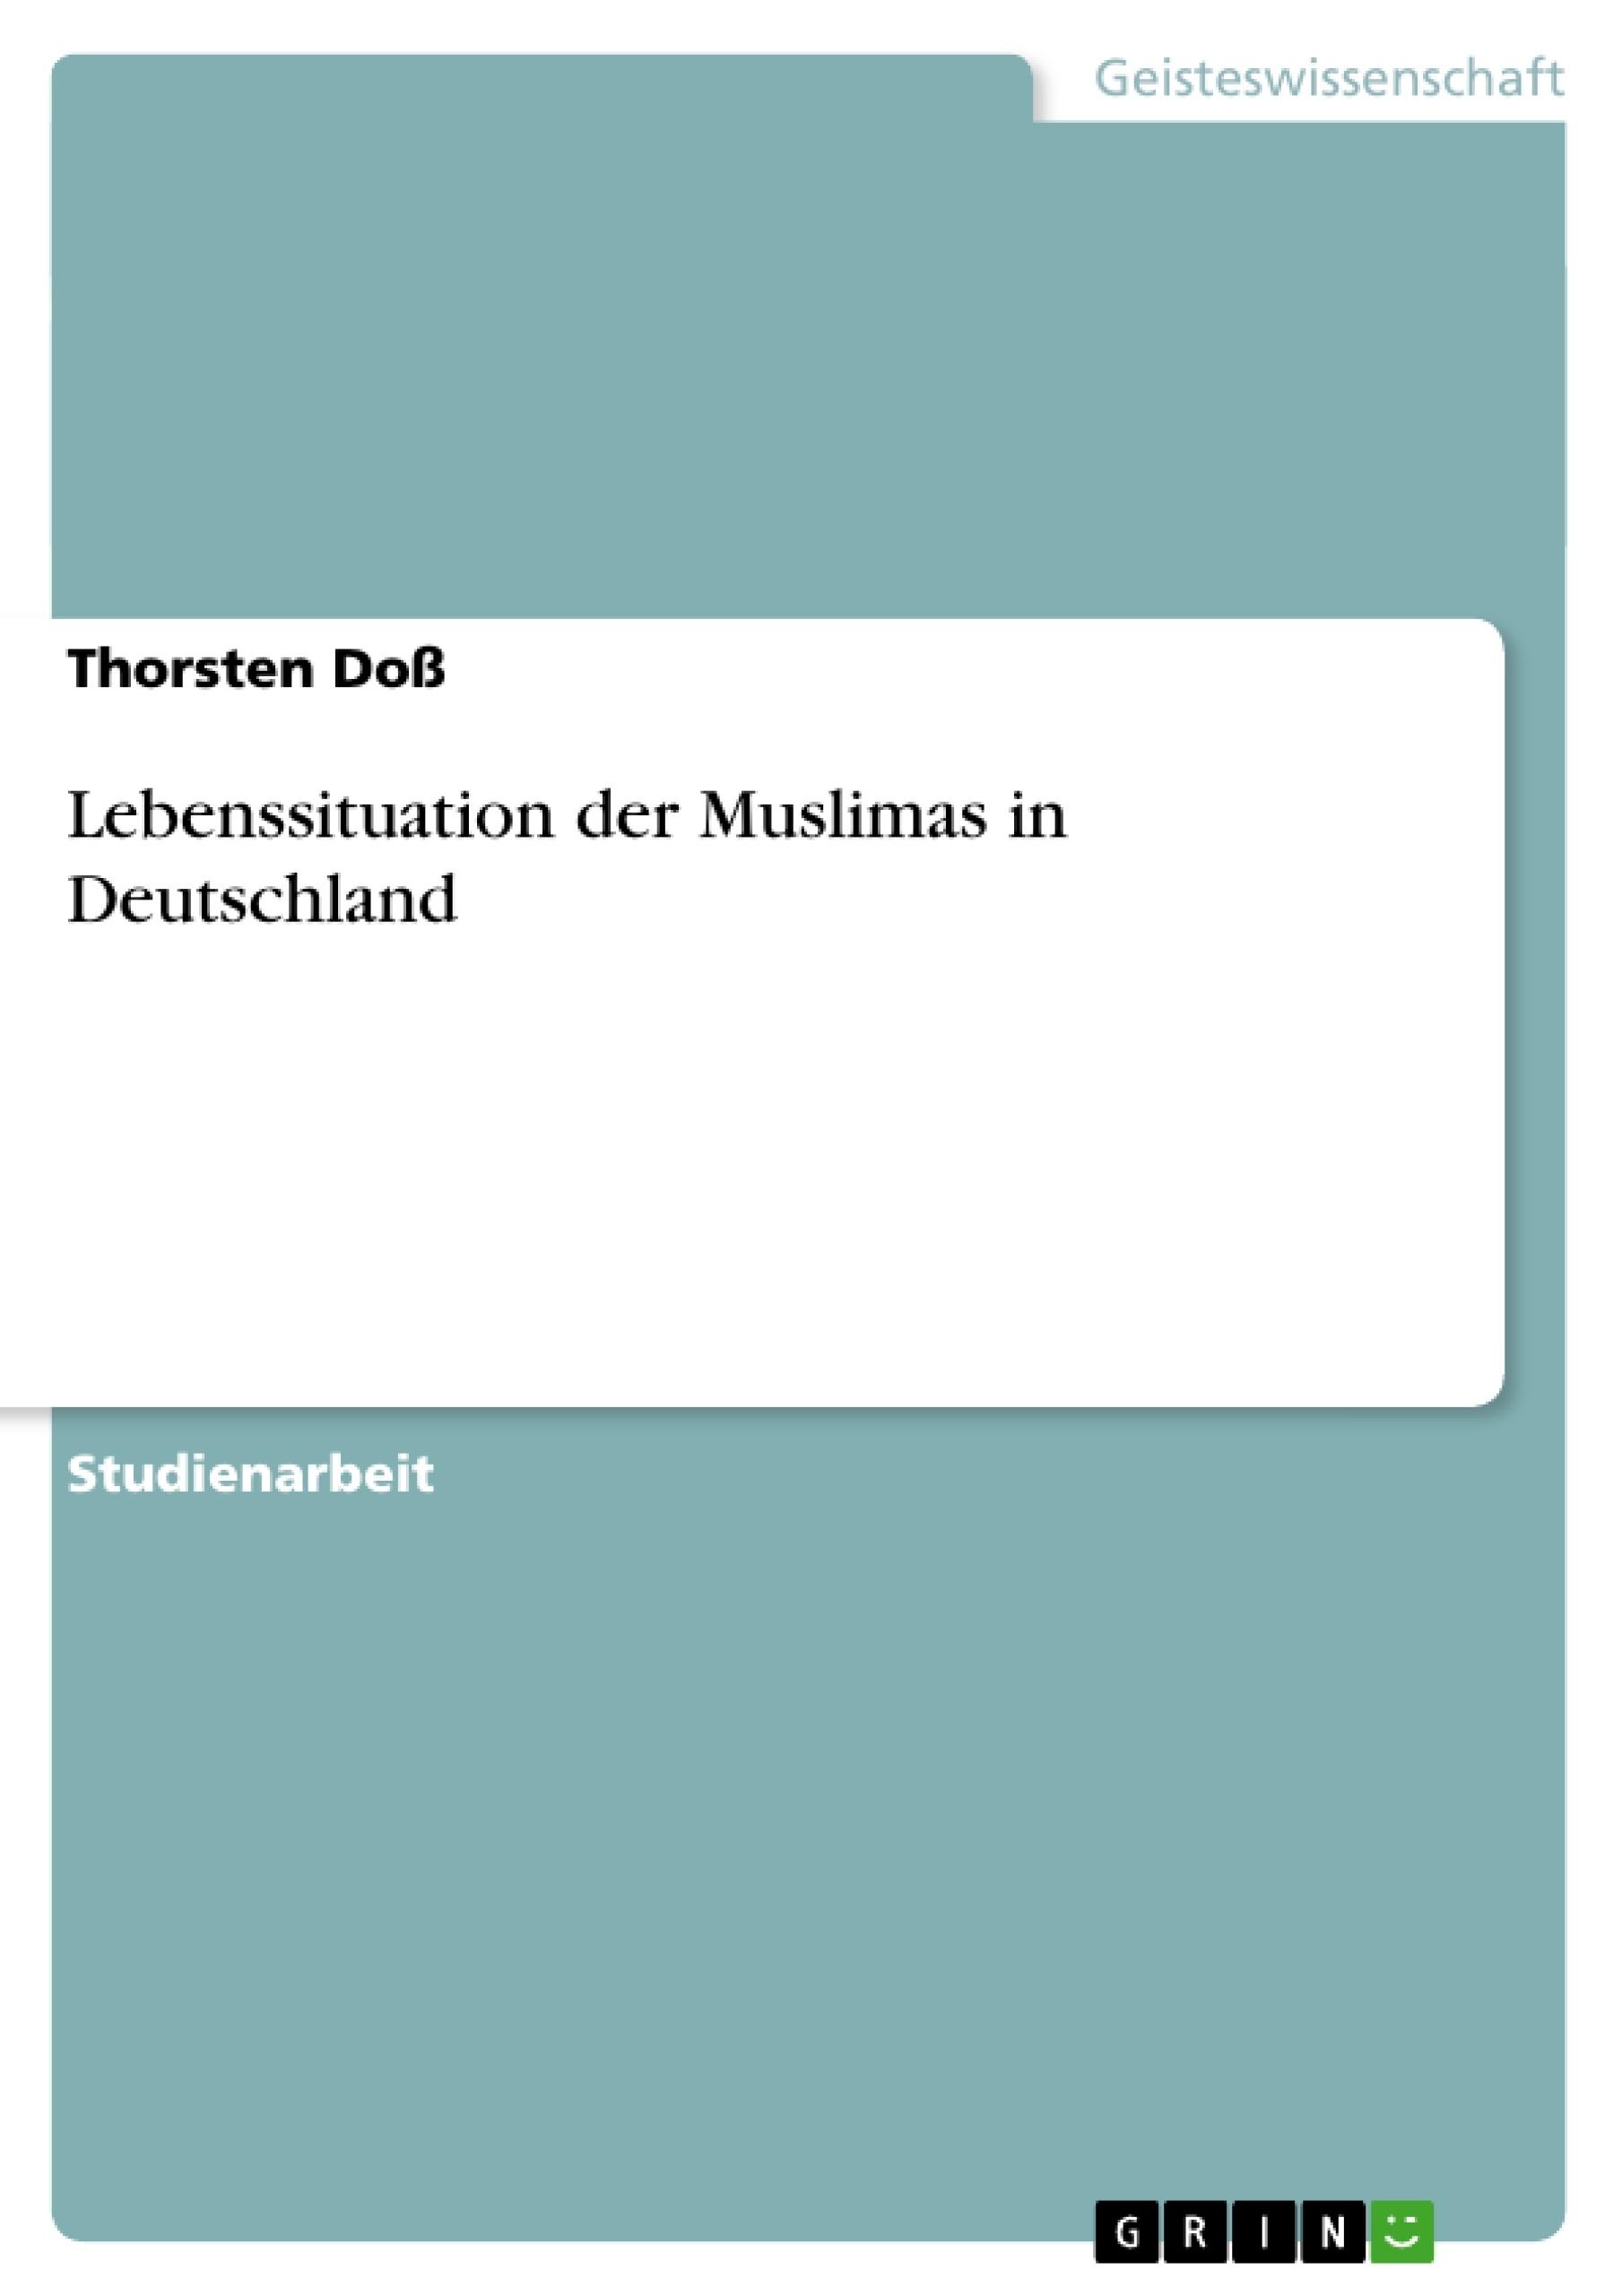 Titel: Lebenssituation der Muslimas in Deutschland